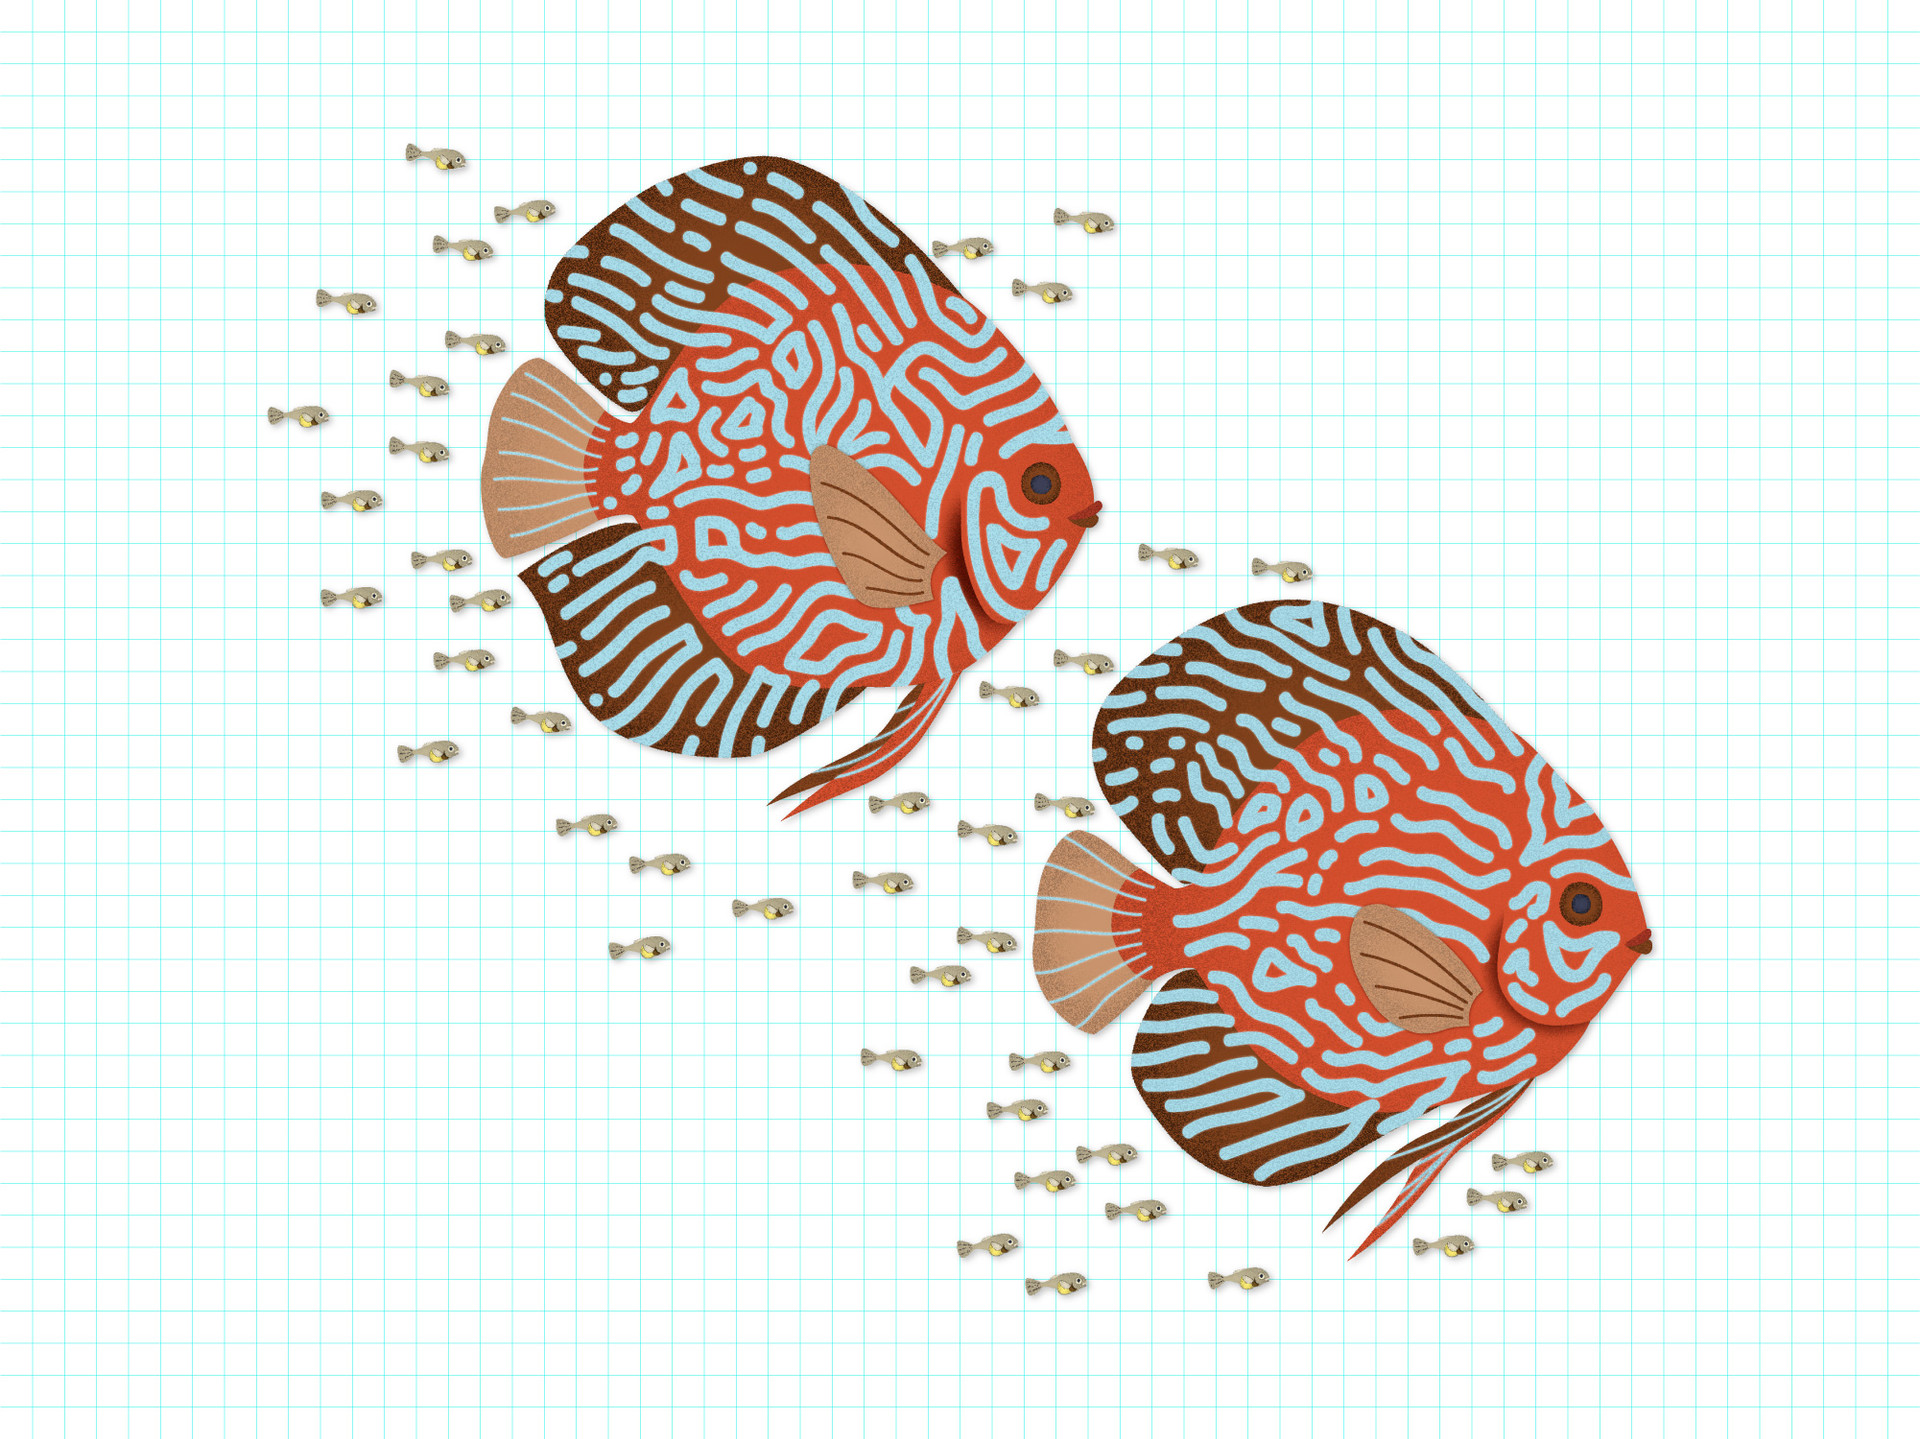 triet-pham_aquarium-fish-illustration-05